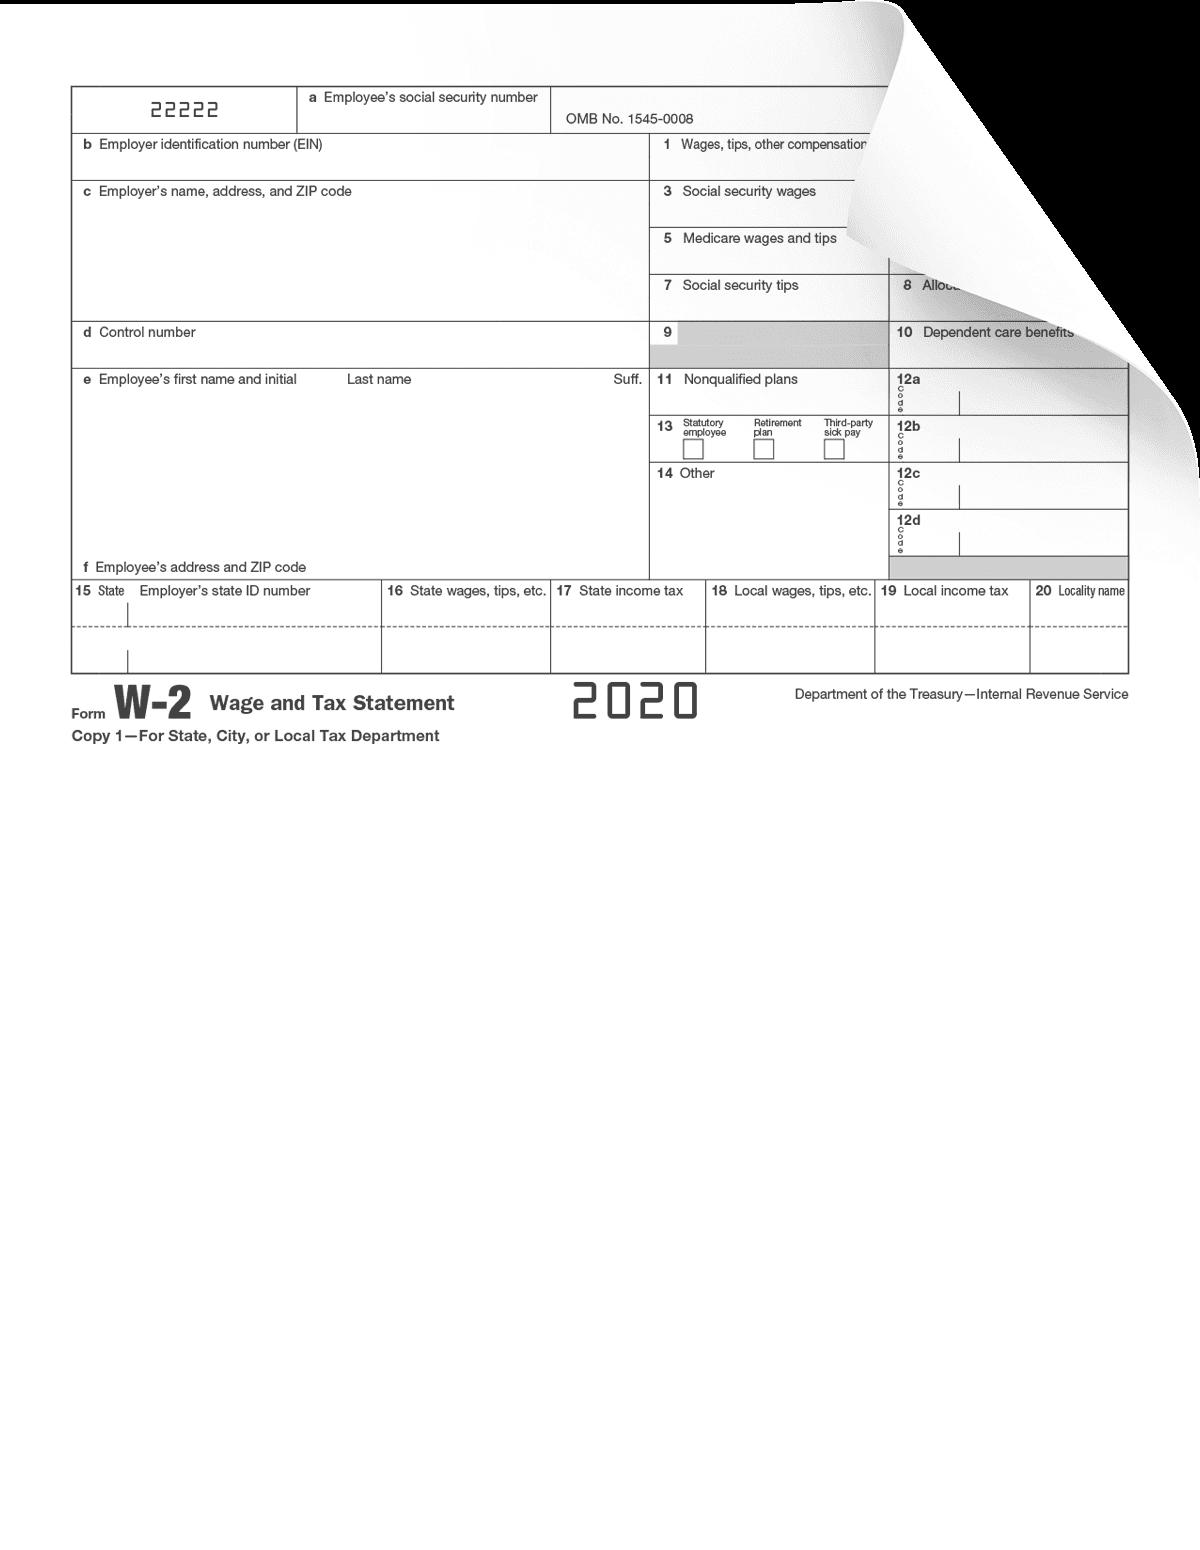 Form W-2